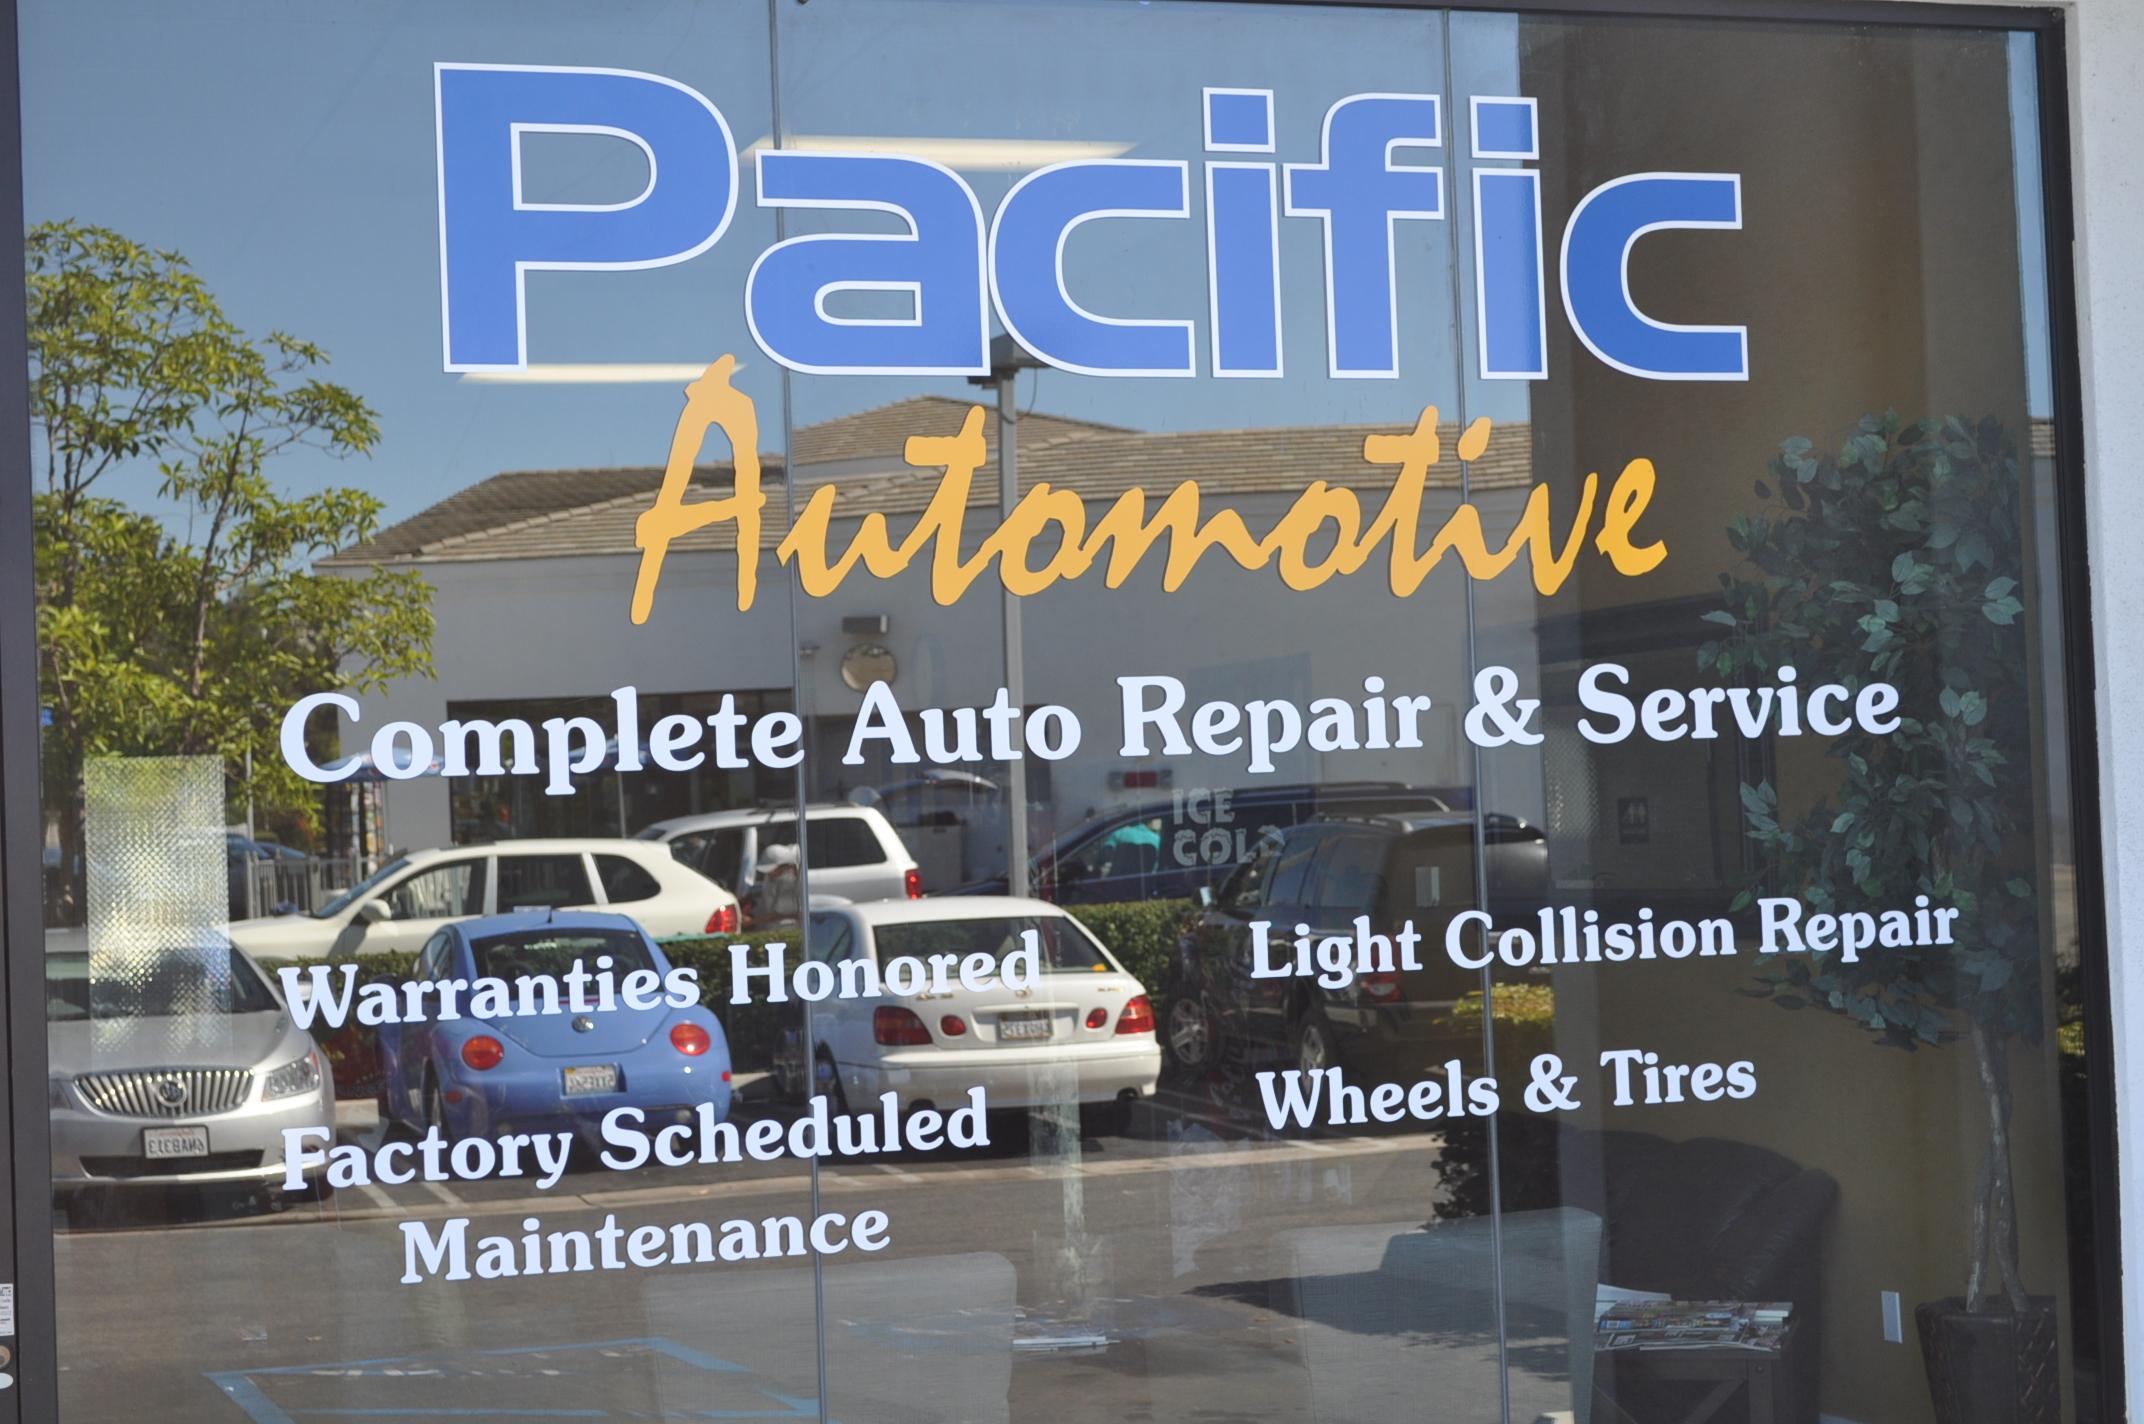 pacific automotive image 2